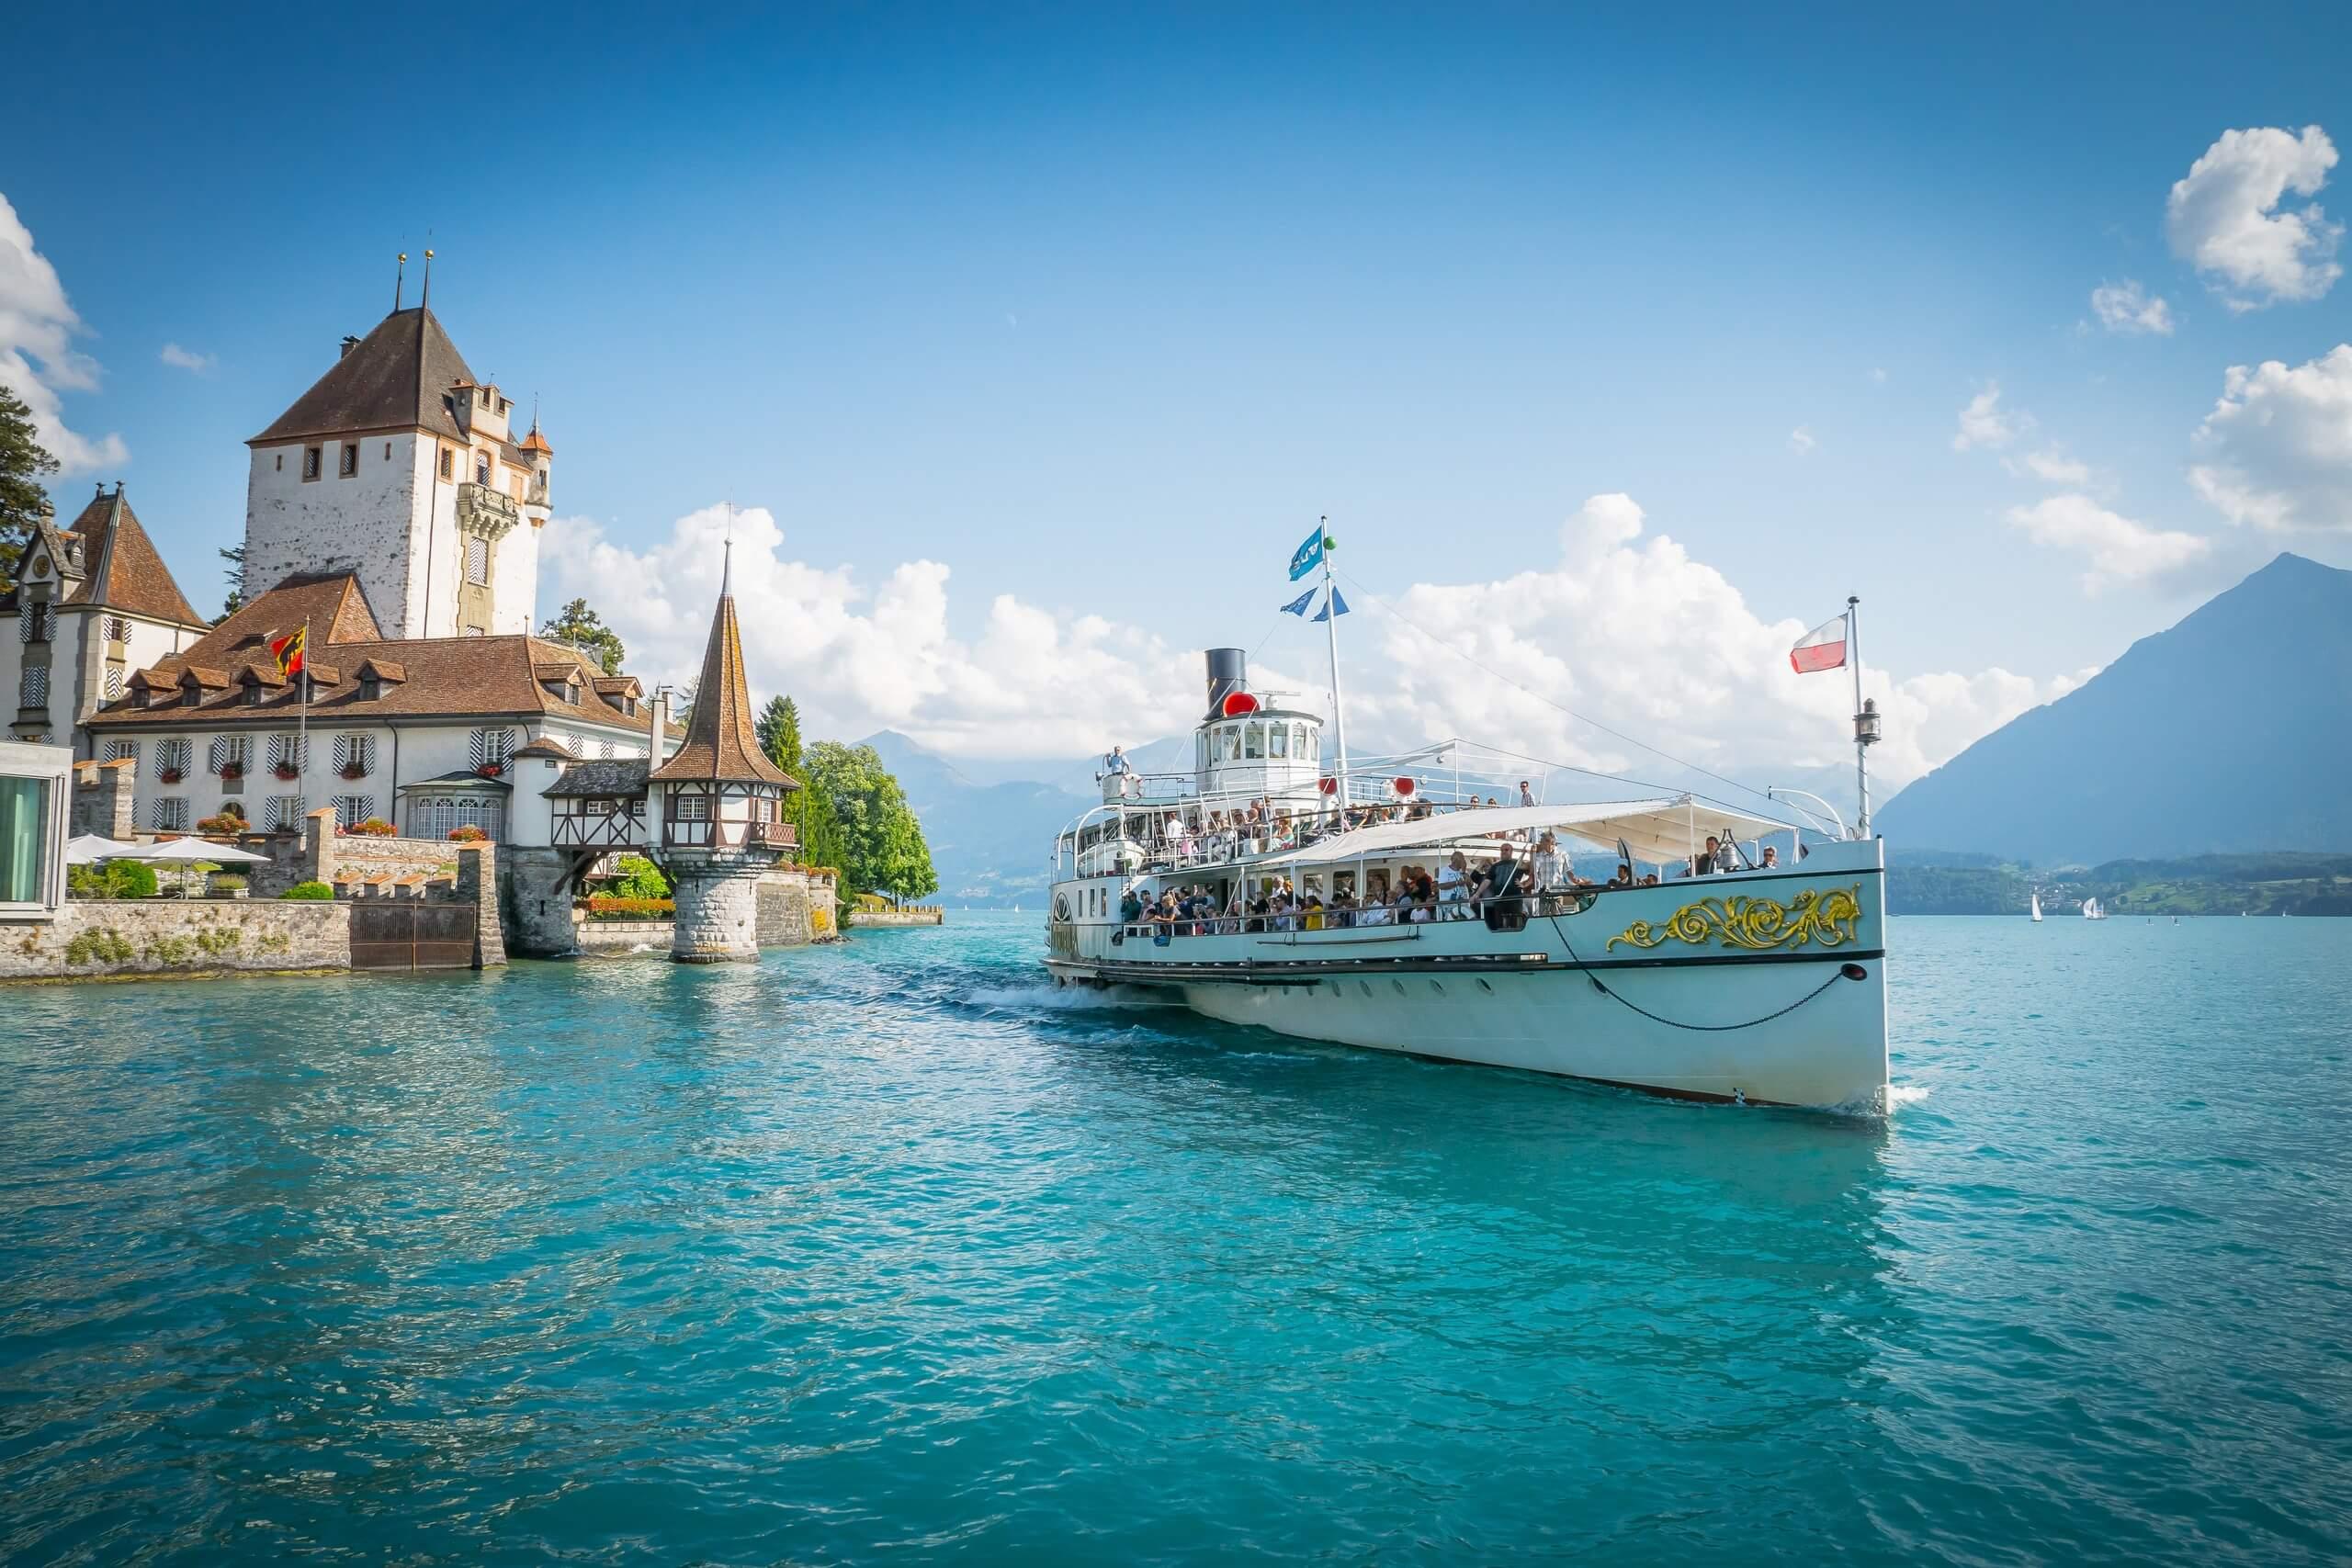 oberhofen-schloss-schiff-bluemlisalp-sommer-dampfschiff-niesen